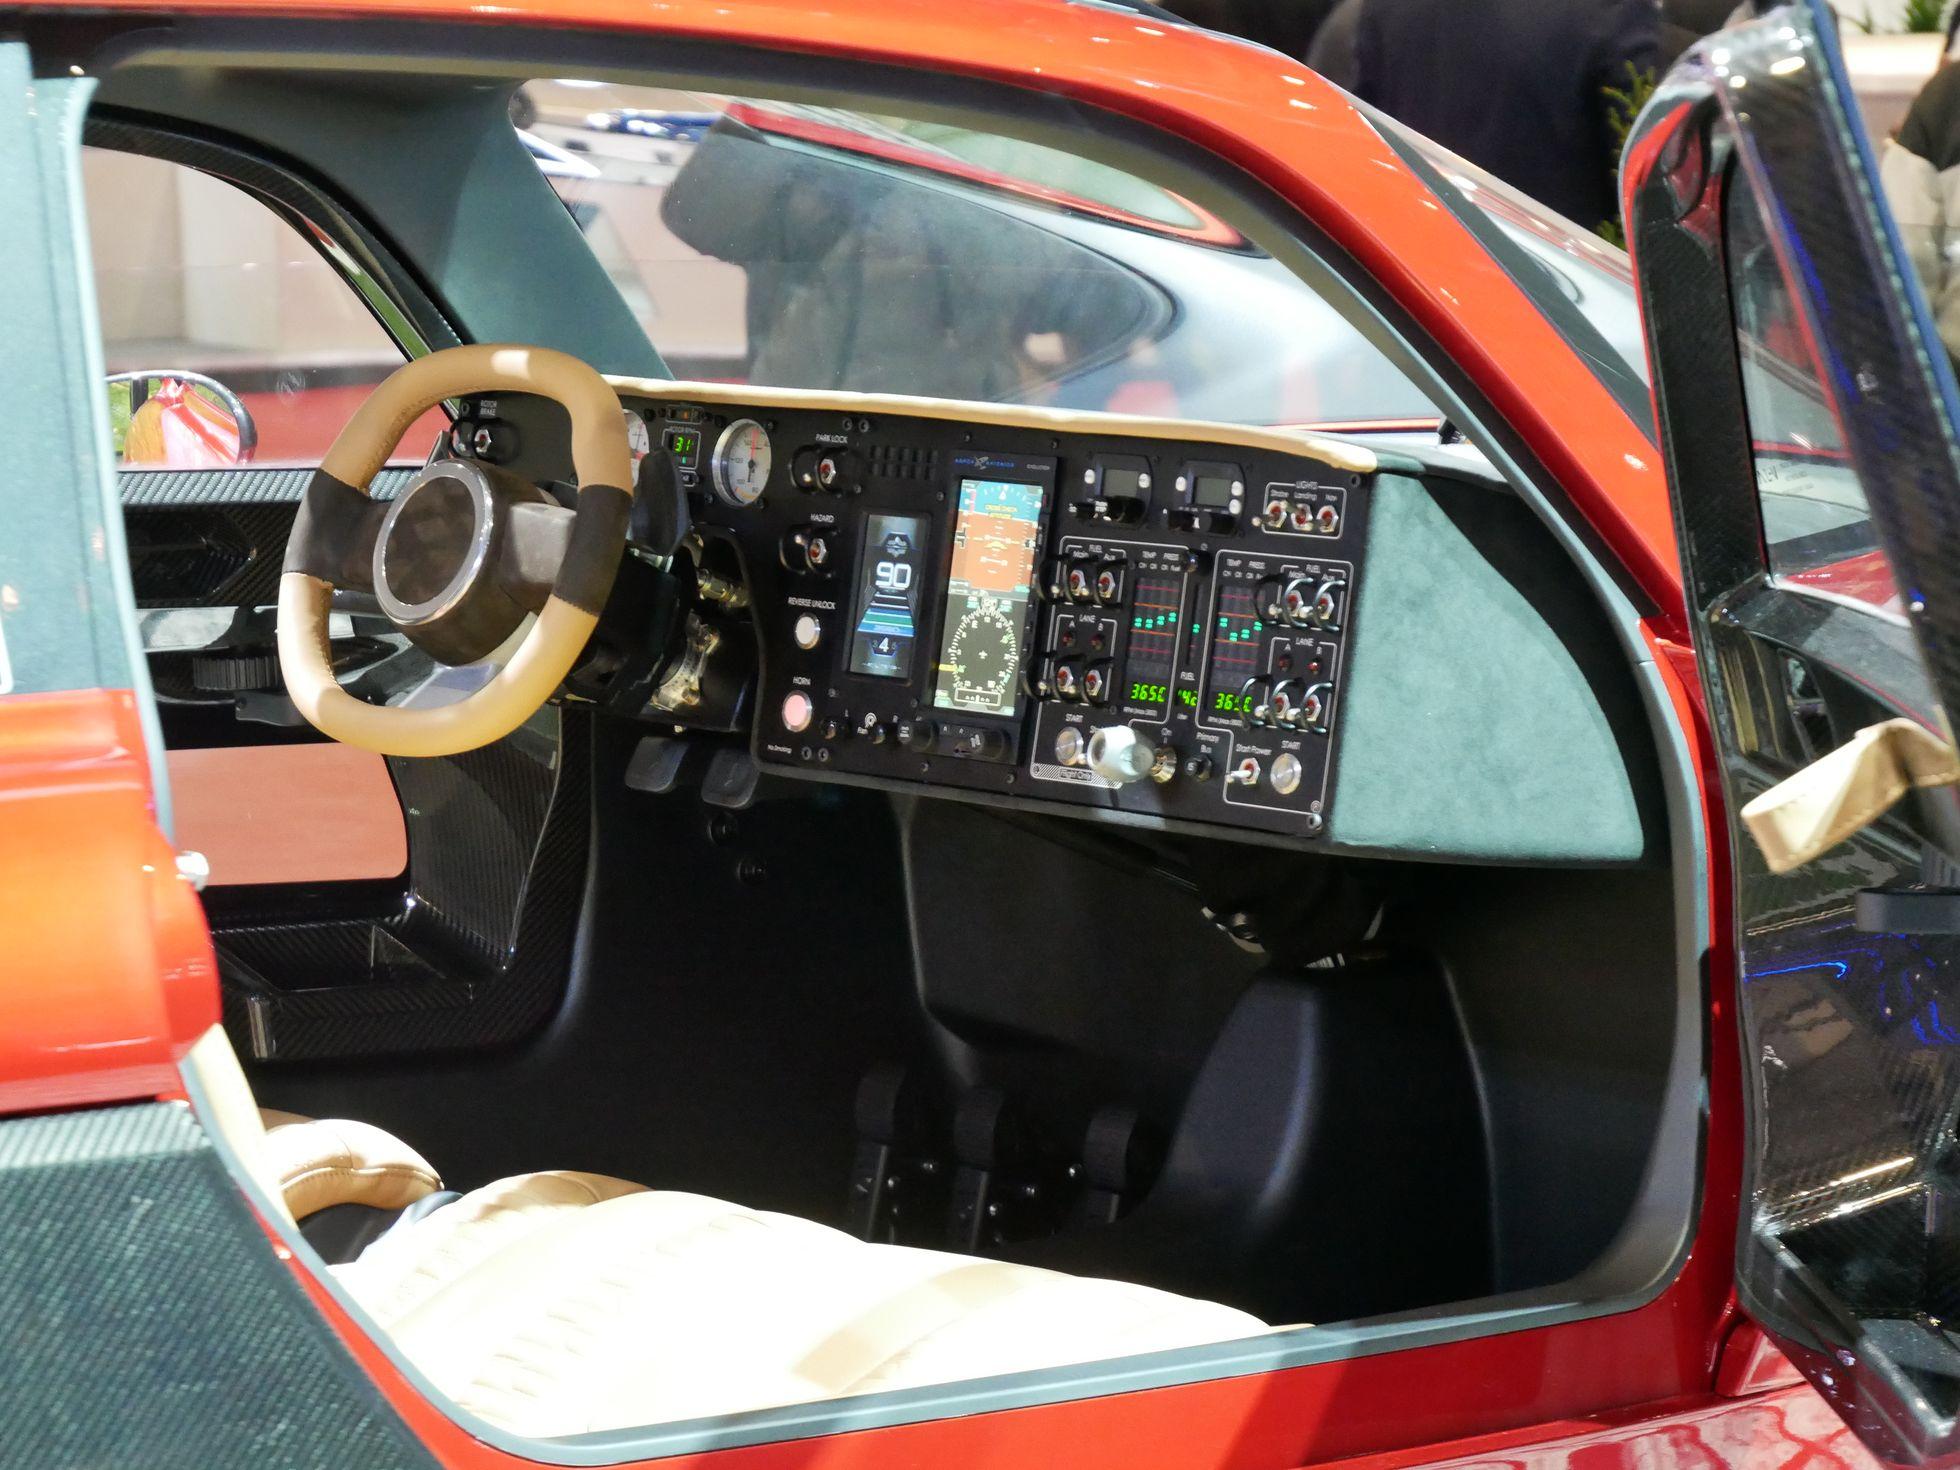 PAL-V: Abheben mit dem Flugauto - Um es zu fliegen, braucht der Fahrer einen Pilotenschein. (Foto: Dirk Kunde)